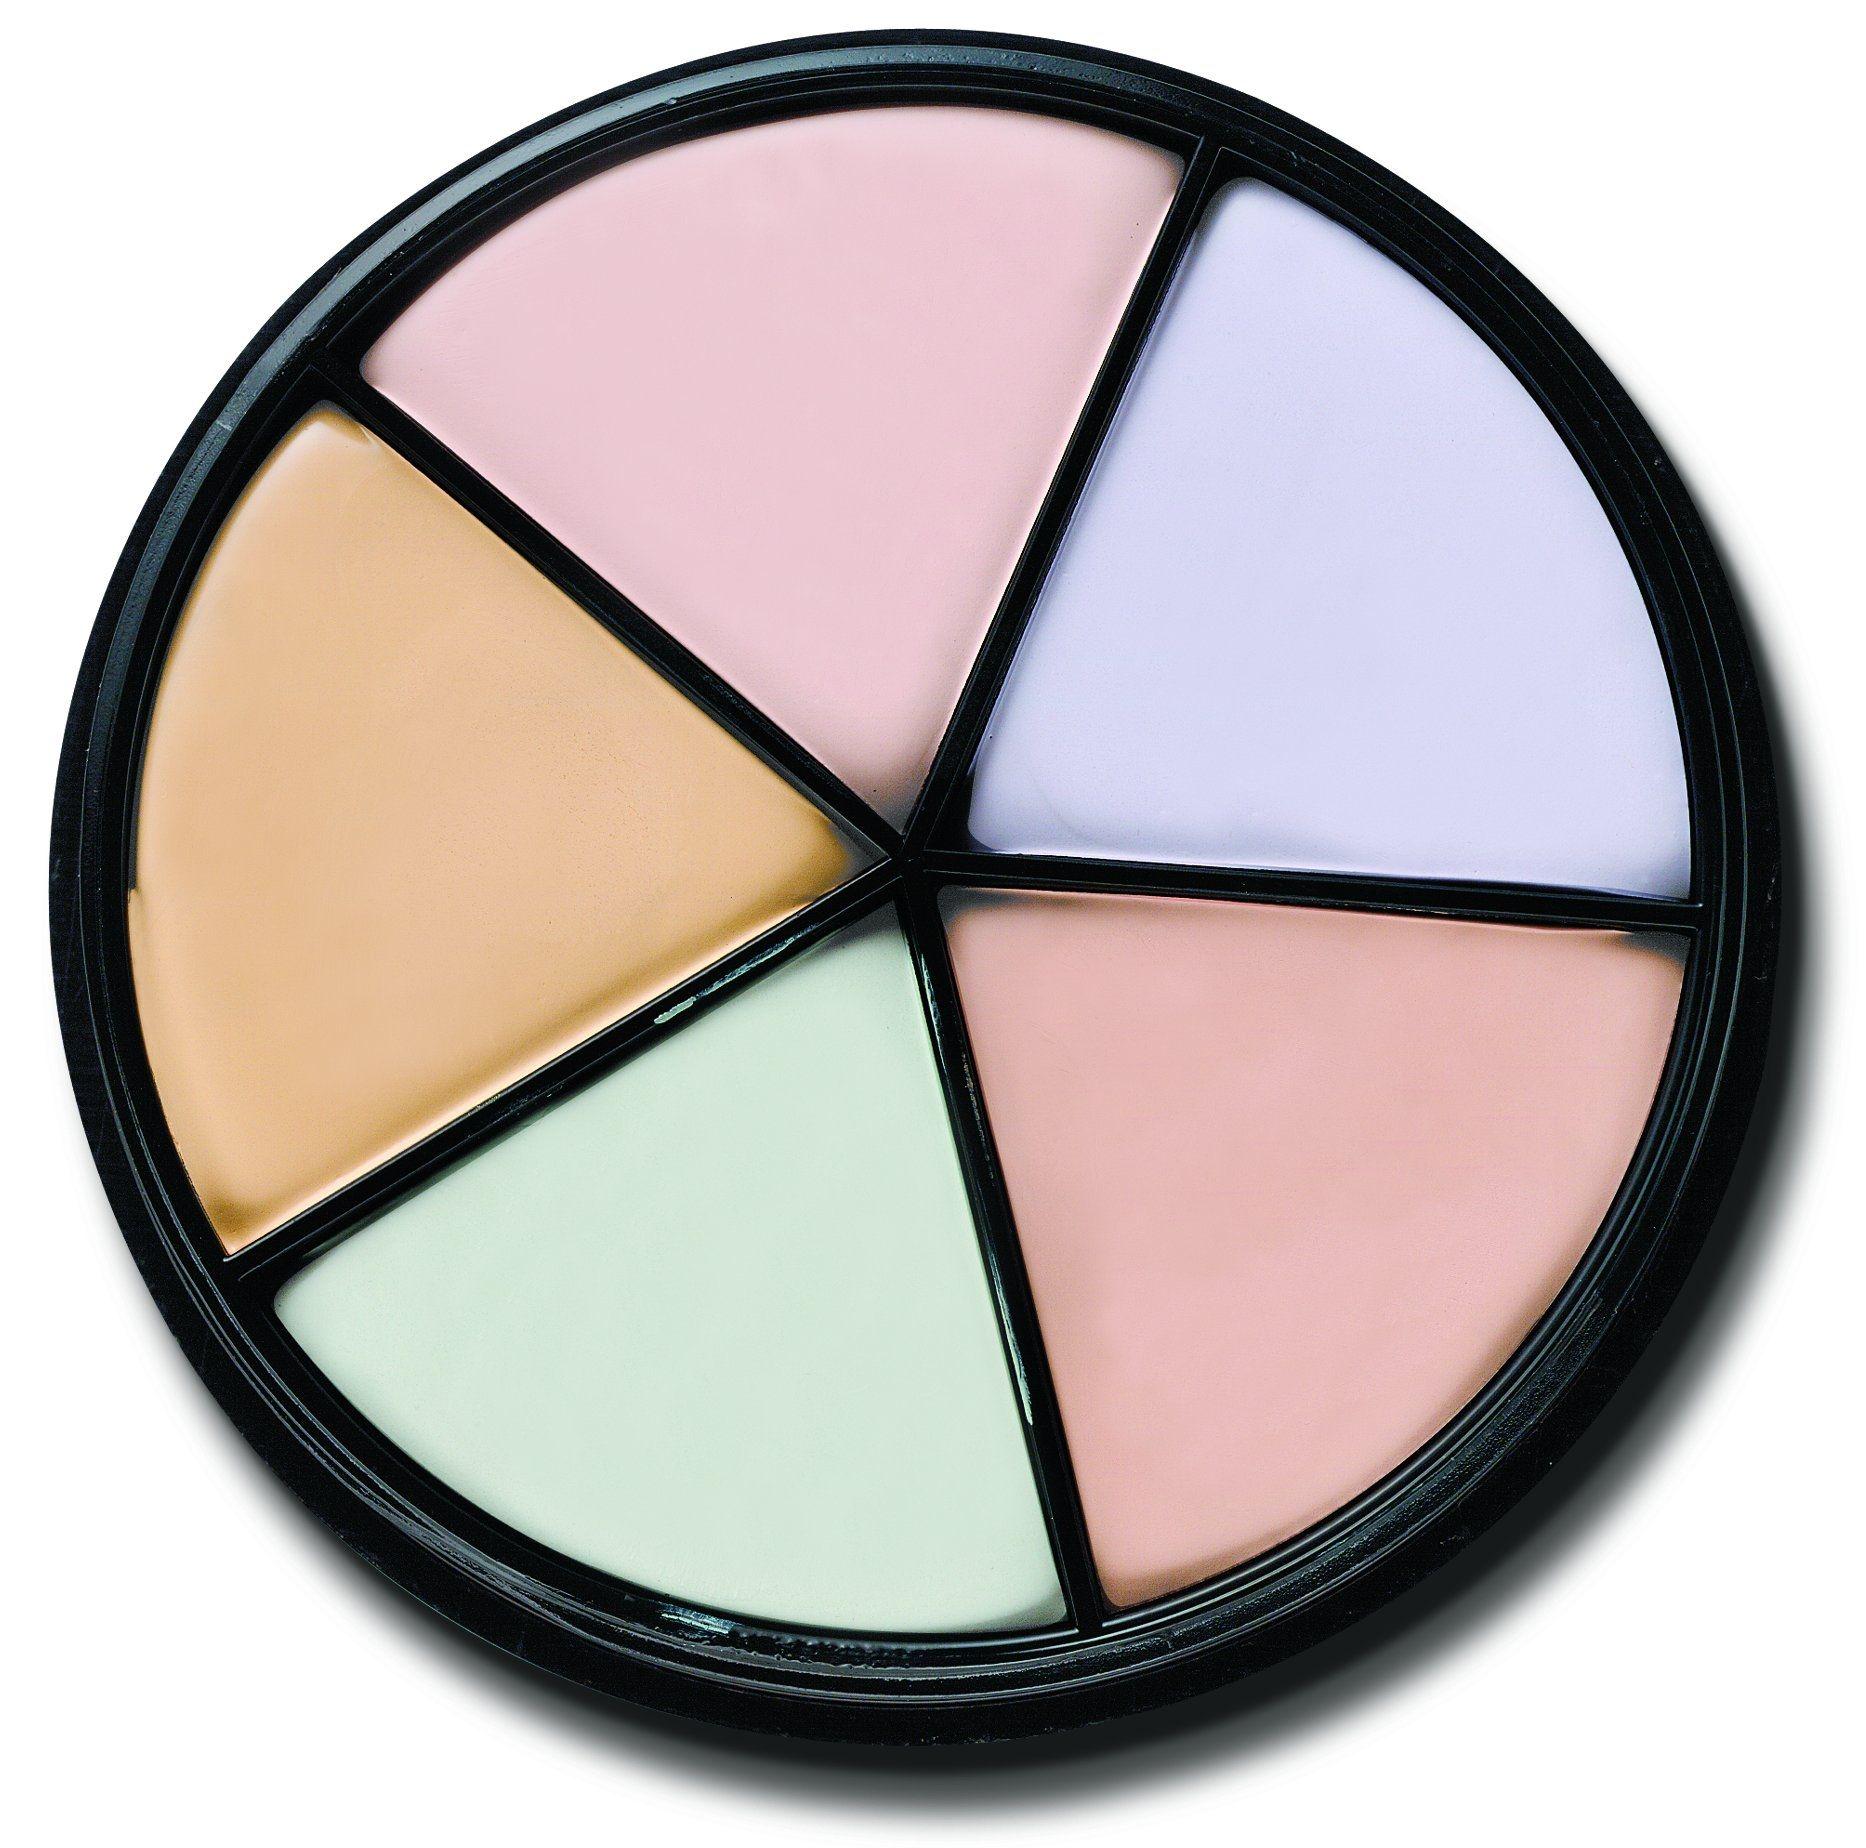 Mỗi màu sắc của kem che khuyết điểm sẽ có những công dụng khác nhau